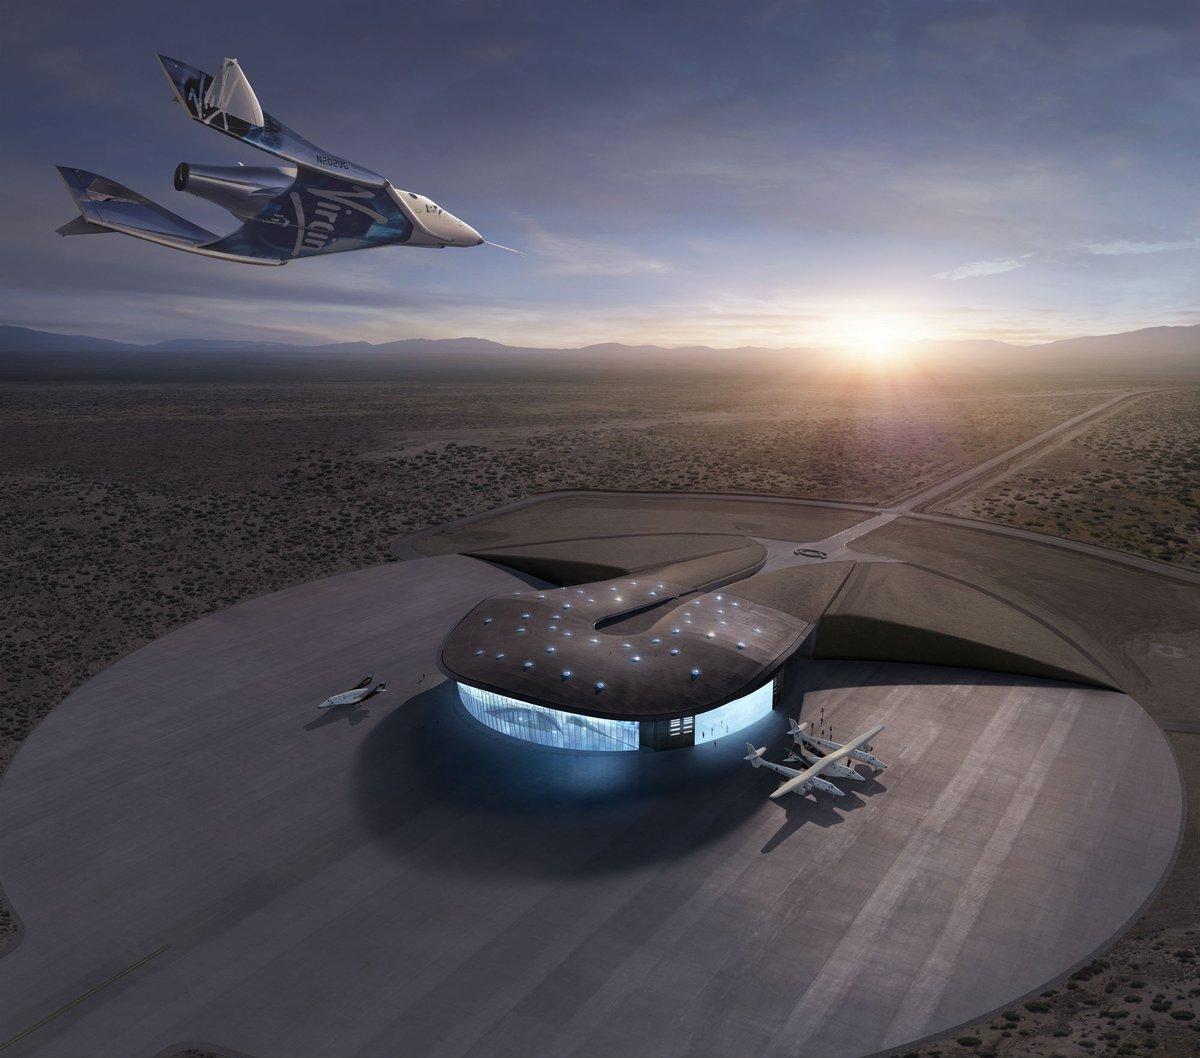 """Cet investissement va nous permettre de développer la prochaine génération de lancement de satellite et accélérer notre programme (...) de navigation spatiale supersonique"""", a souligné M. Branson, qui a ajouté que l'envoi de personnes dans l'espace par Virgin Galactic était seulement """"qu'une question de mois"""".  - Photo Virgin Galactic Twitter"""